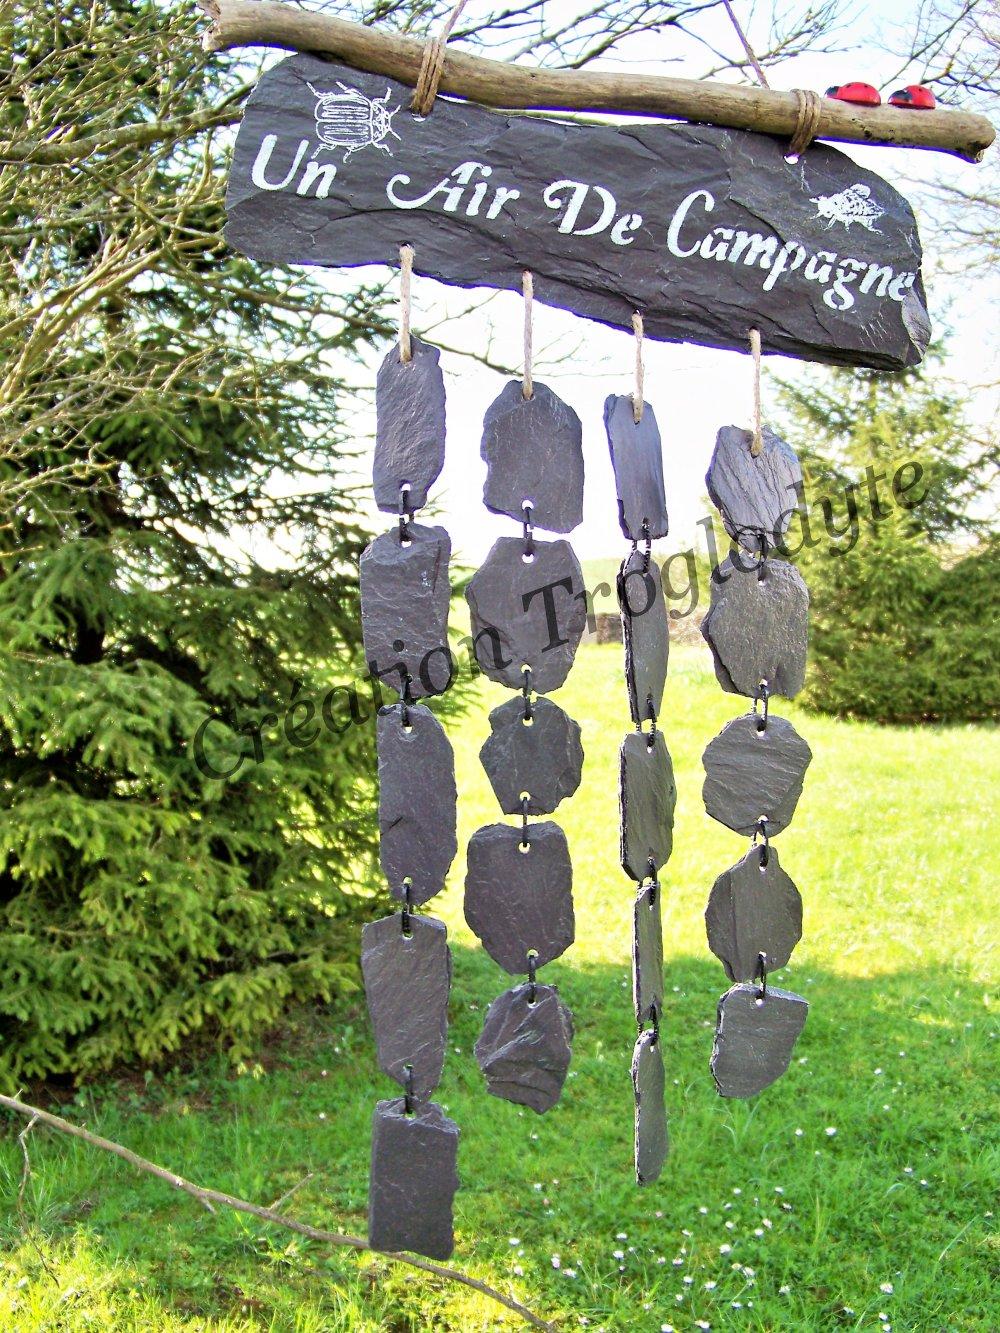 Carillon de jardin en ardoise,mobile de jardin,attrape vent,ardoise  décorative,aménagement extérieur,création troglodyt